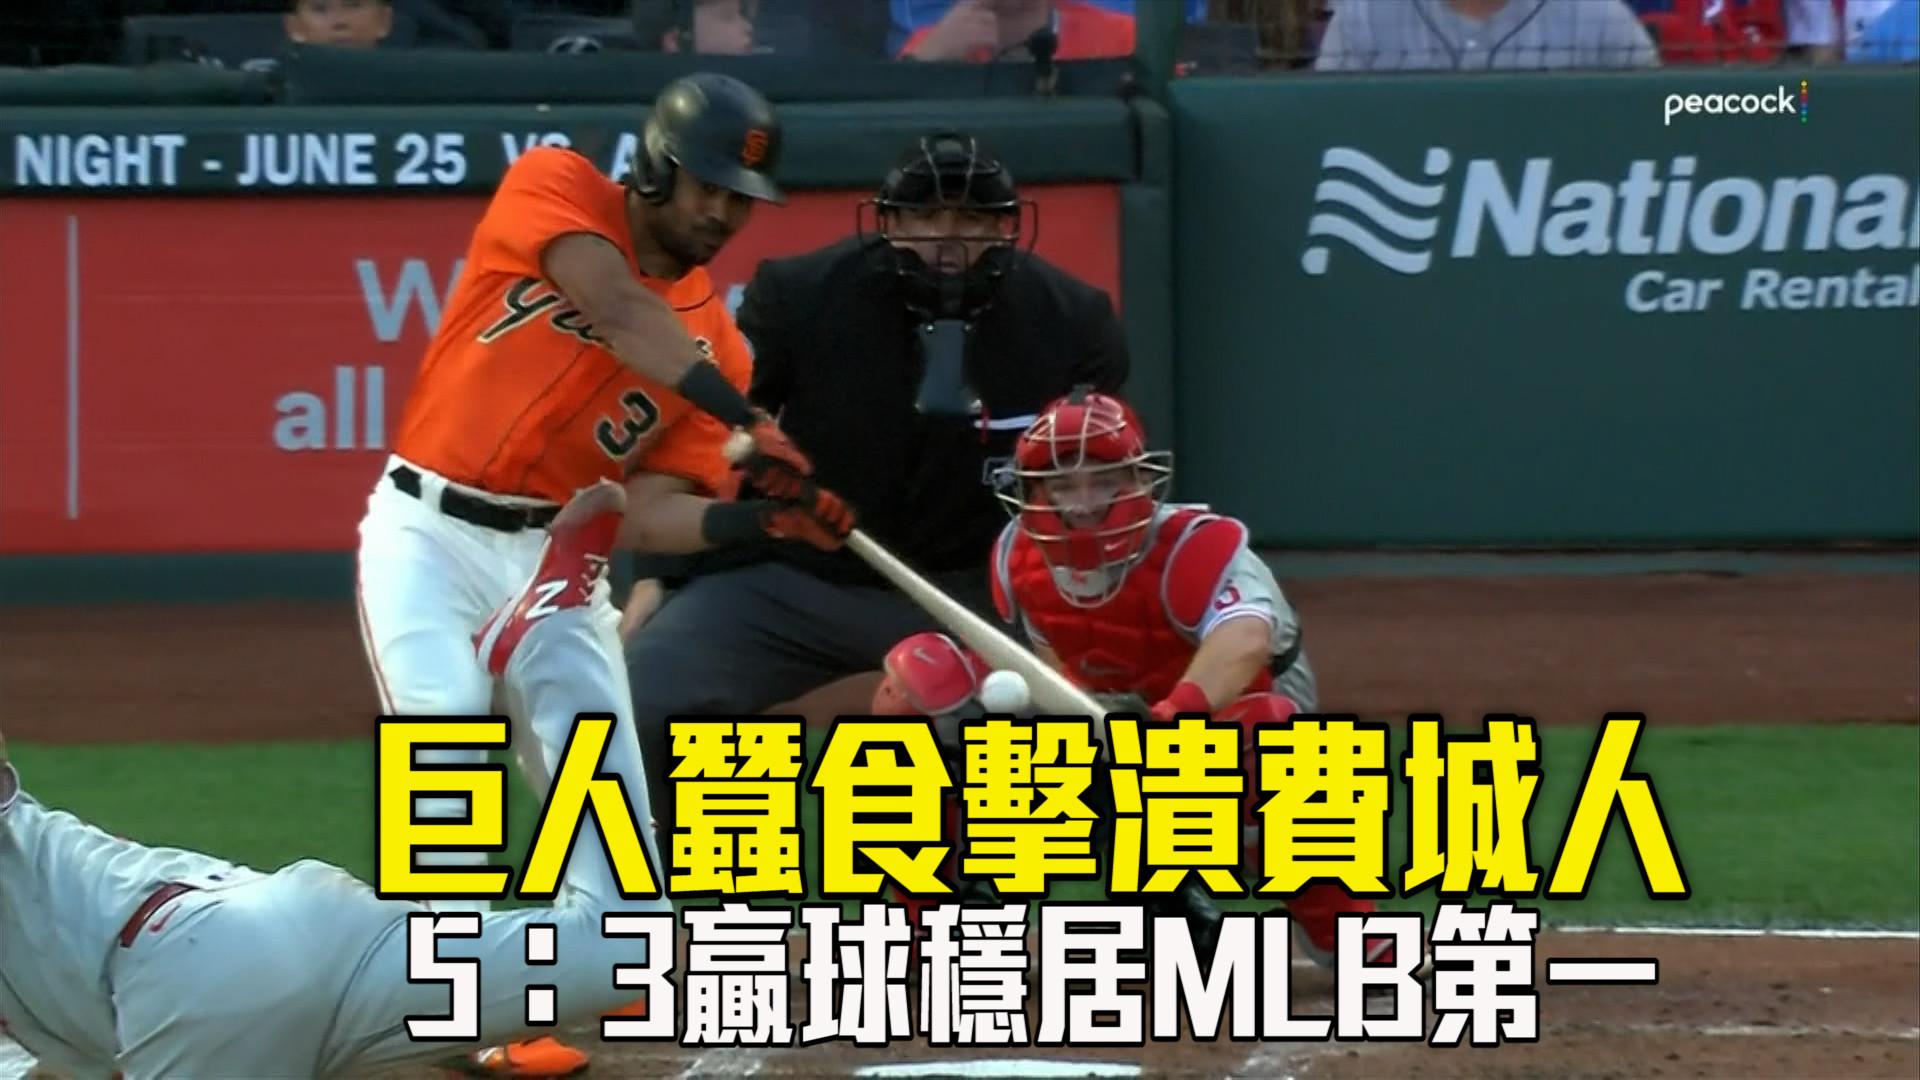 【MLB看愛爾達】奎托QS貝爾特開轟 巨人5:3力退費城人 06/19